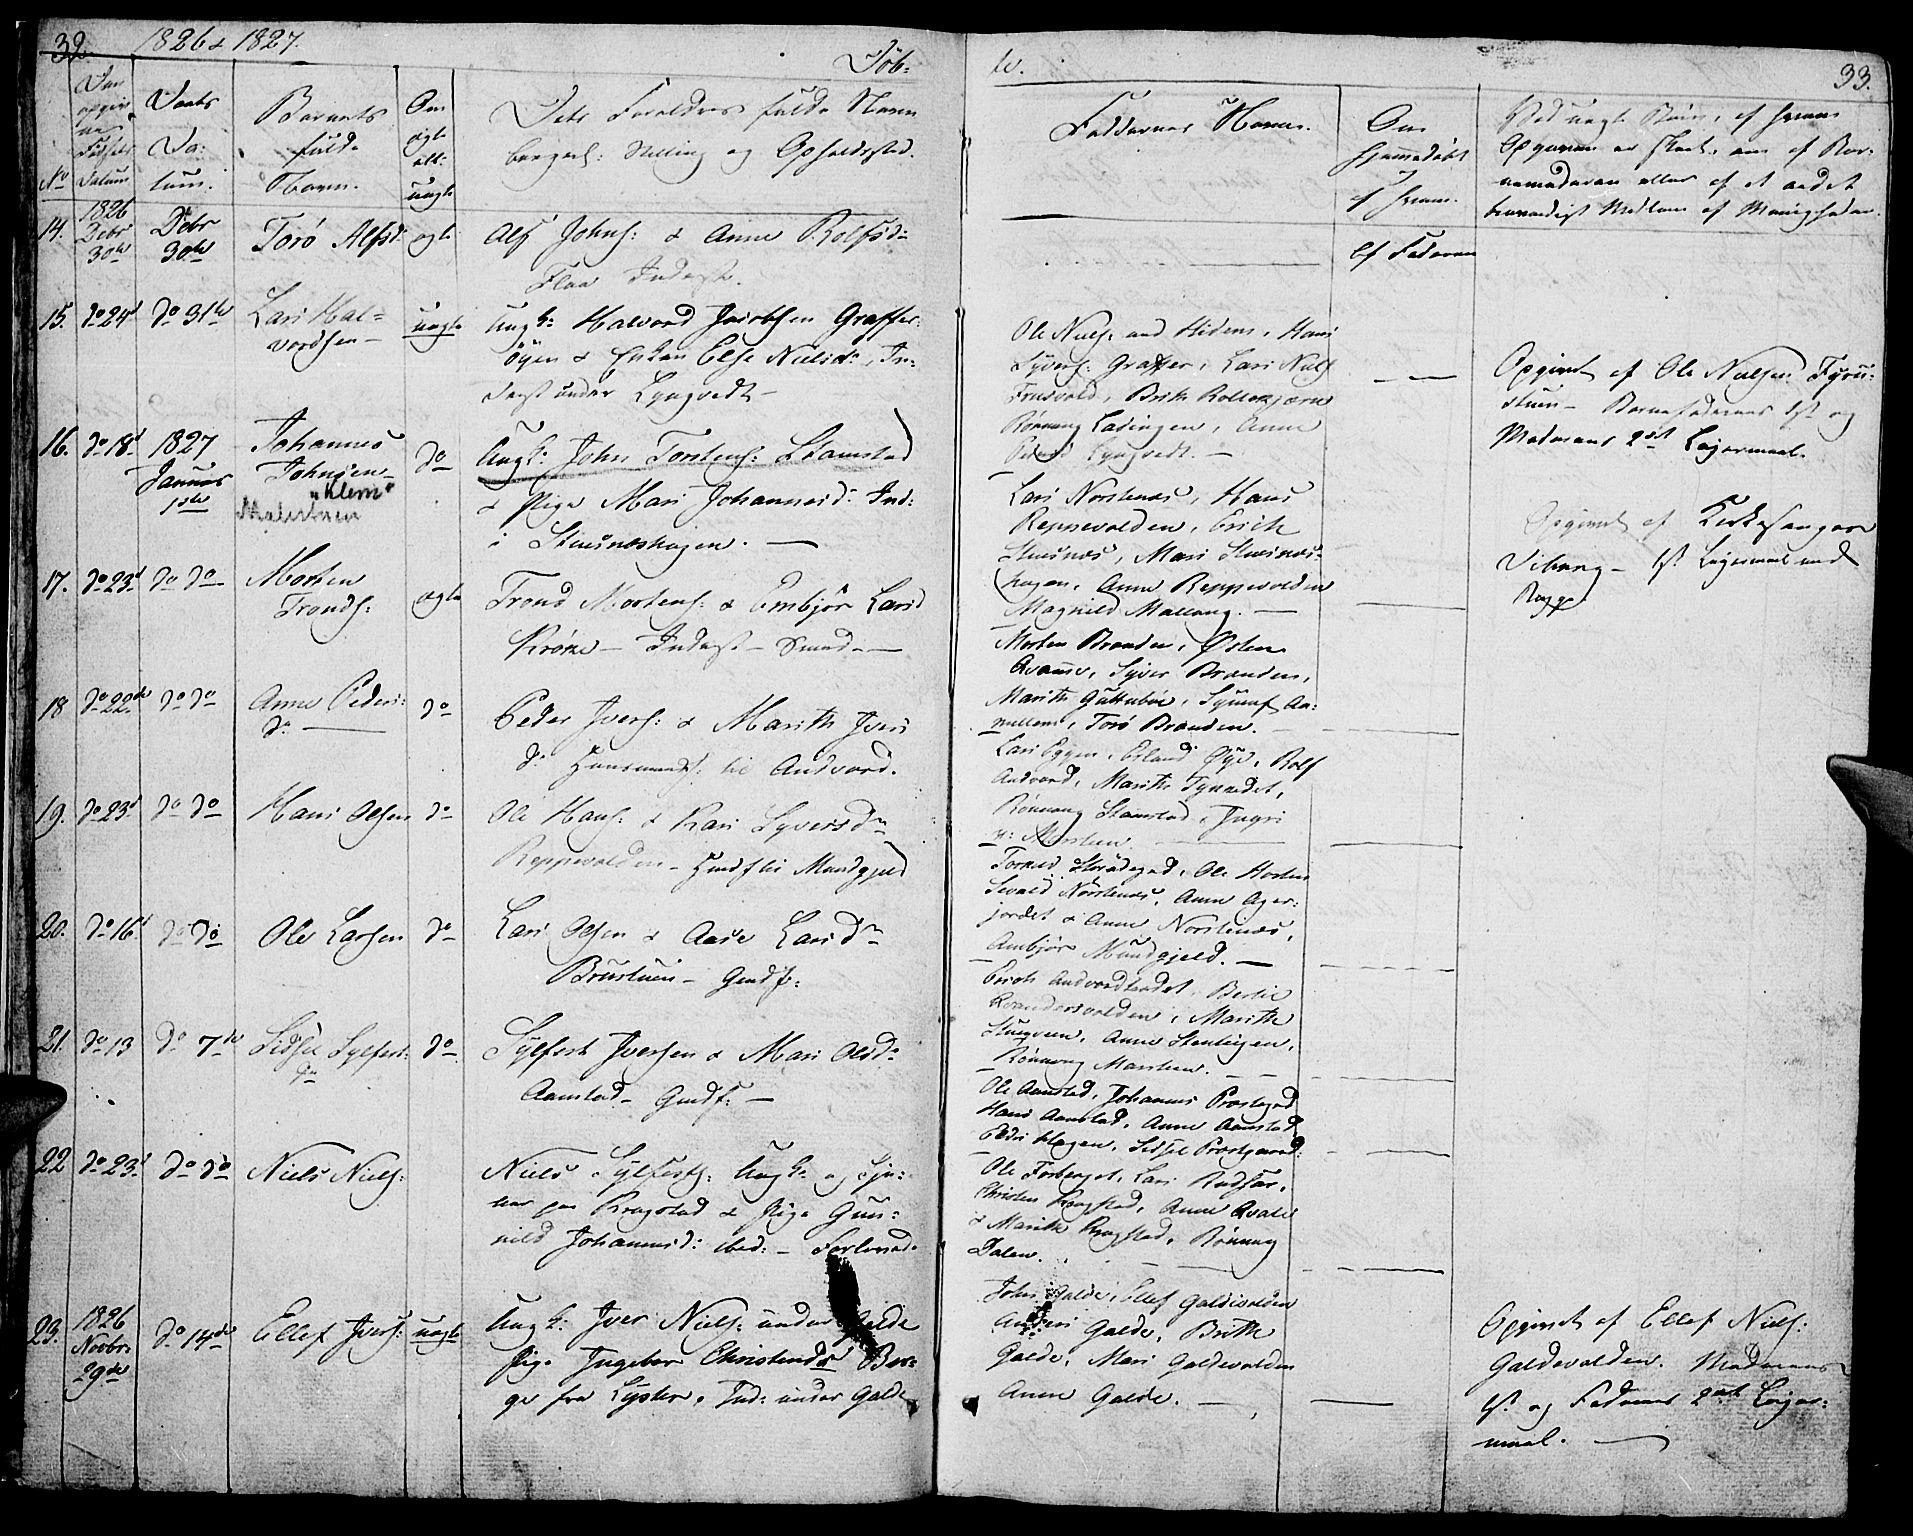 SAH, Lom prestekontor, K/L0005: Ministerialbok nr. 5, 1825-1837, s. 32-33